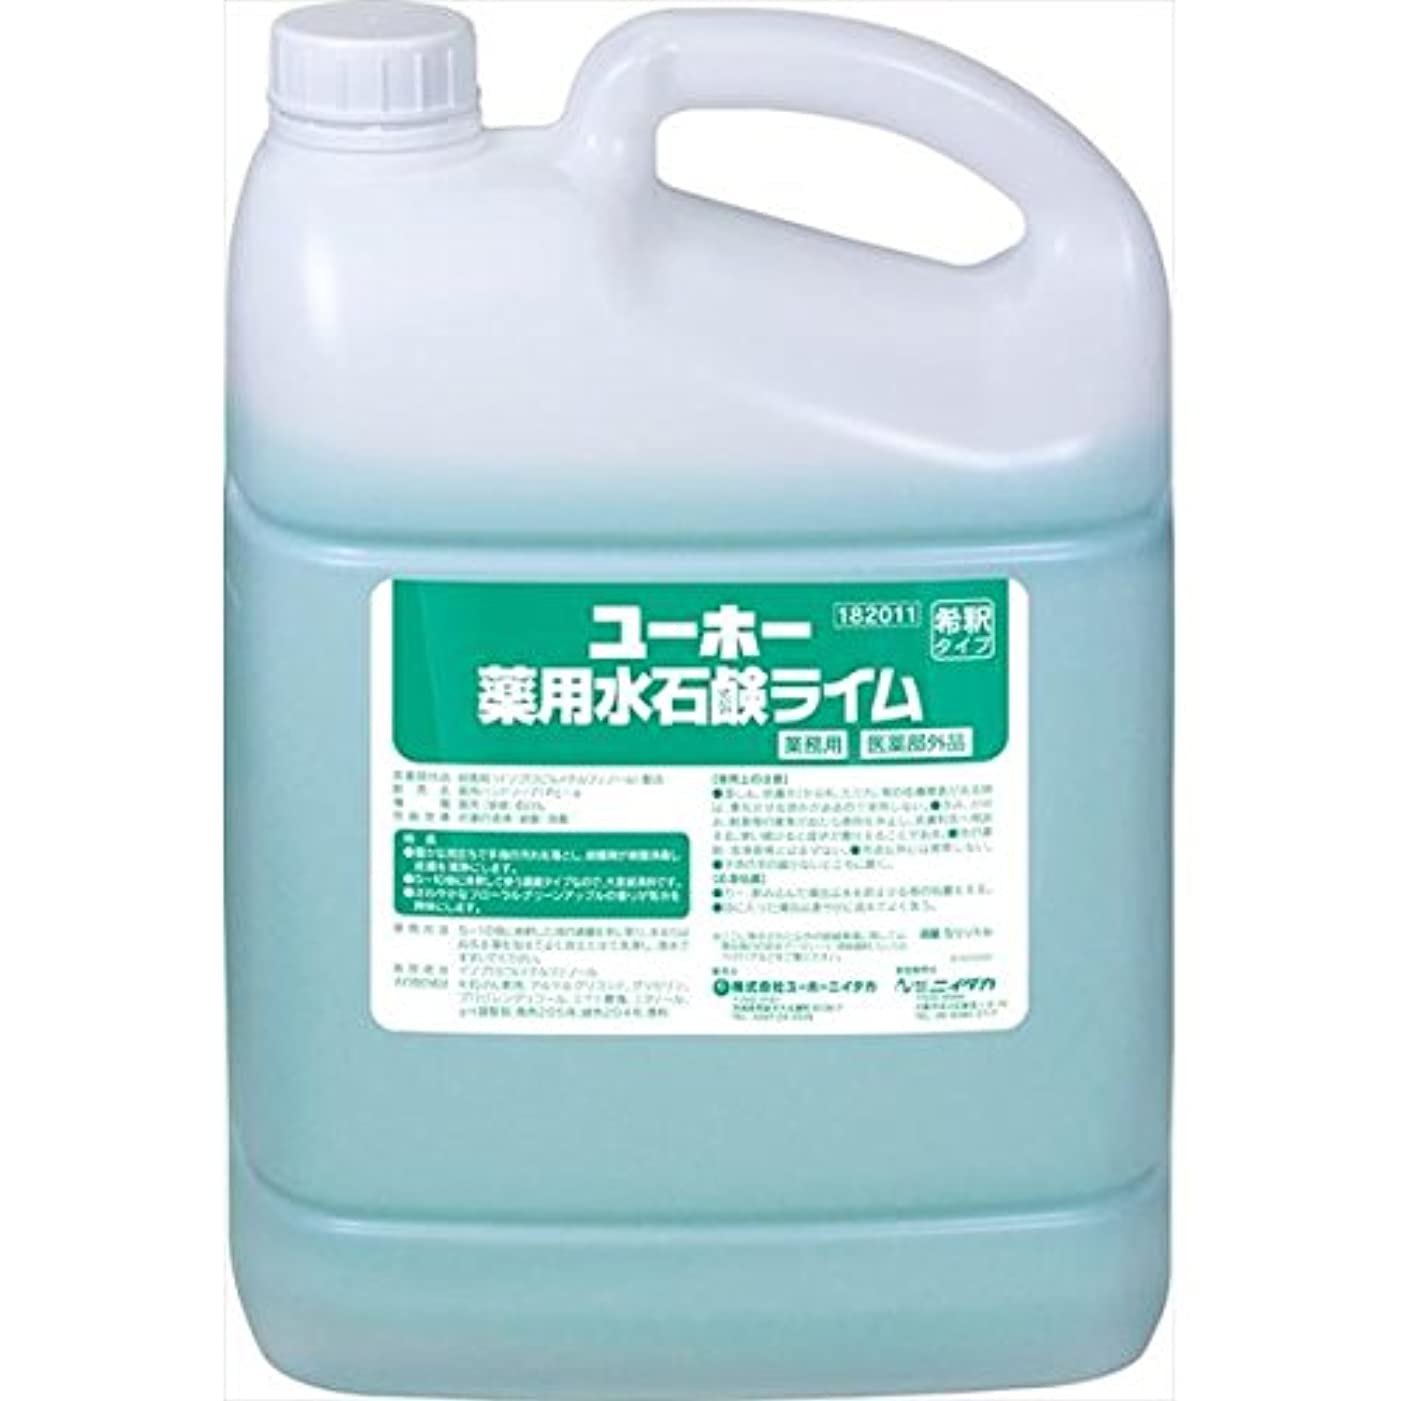 配送みすぼらしい怖いユーホーニイタカ:薬用水石鹸ライム 5L×2 182011